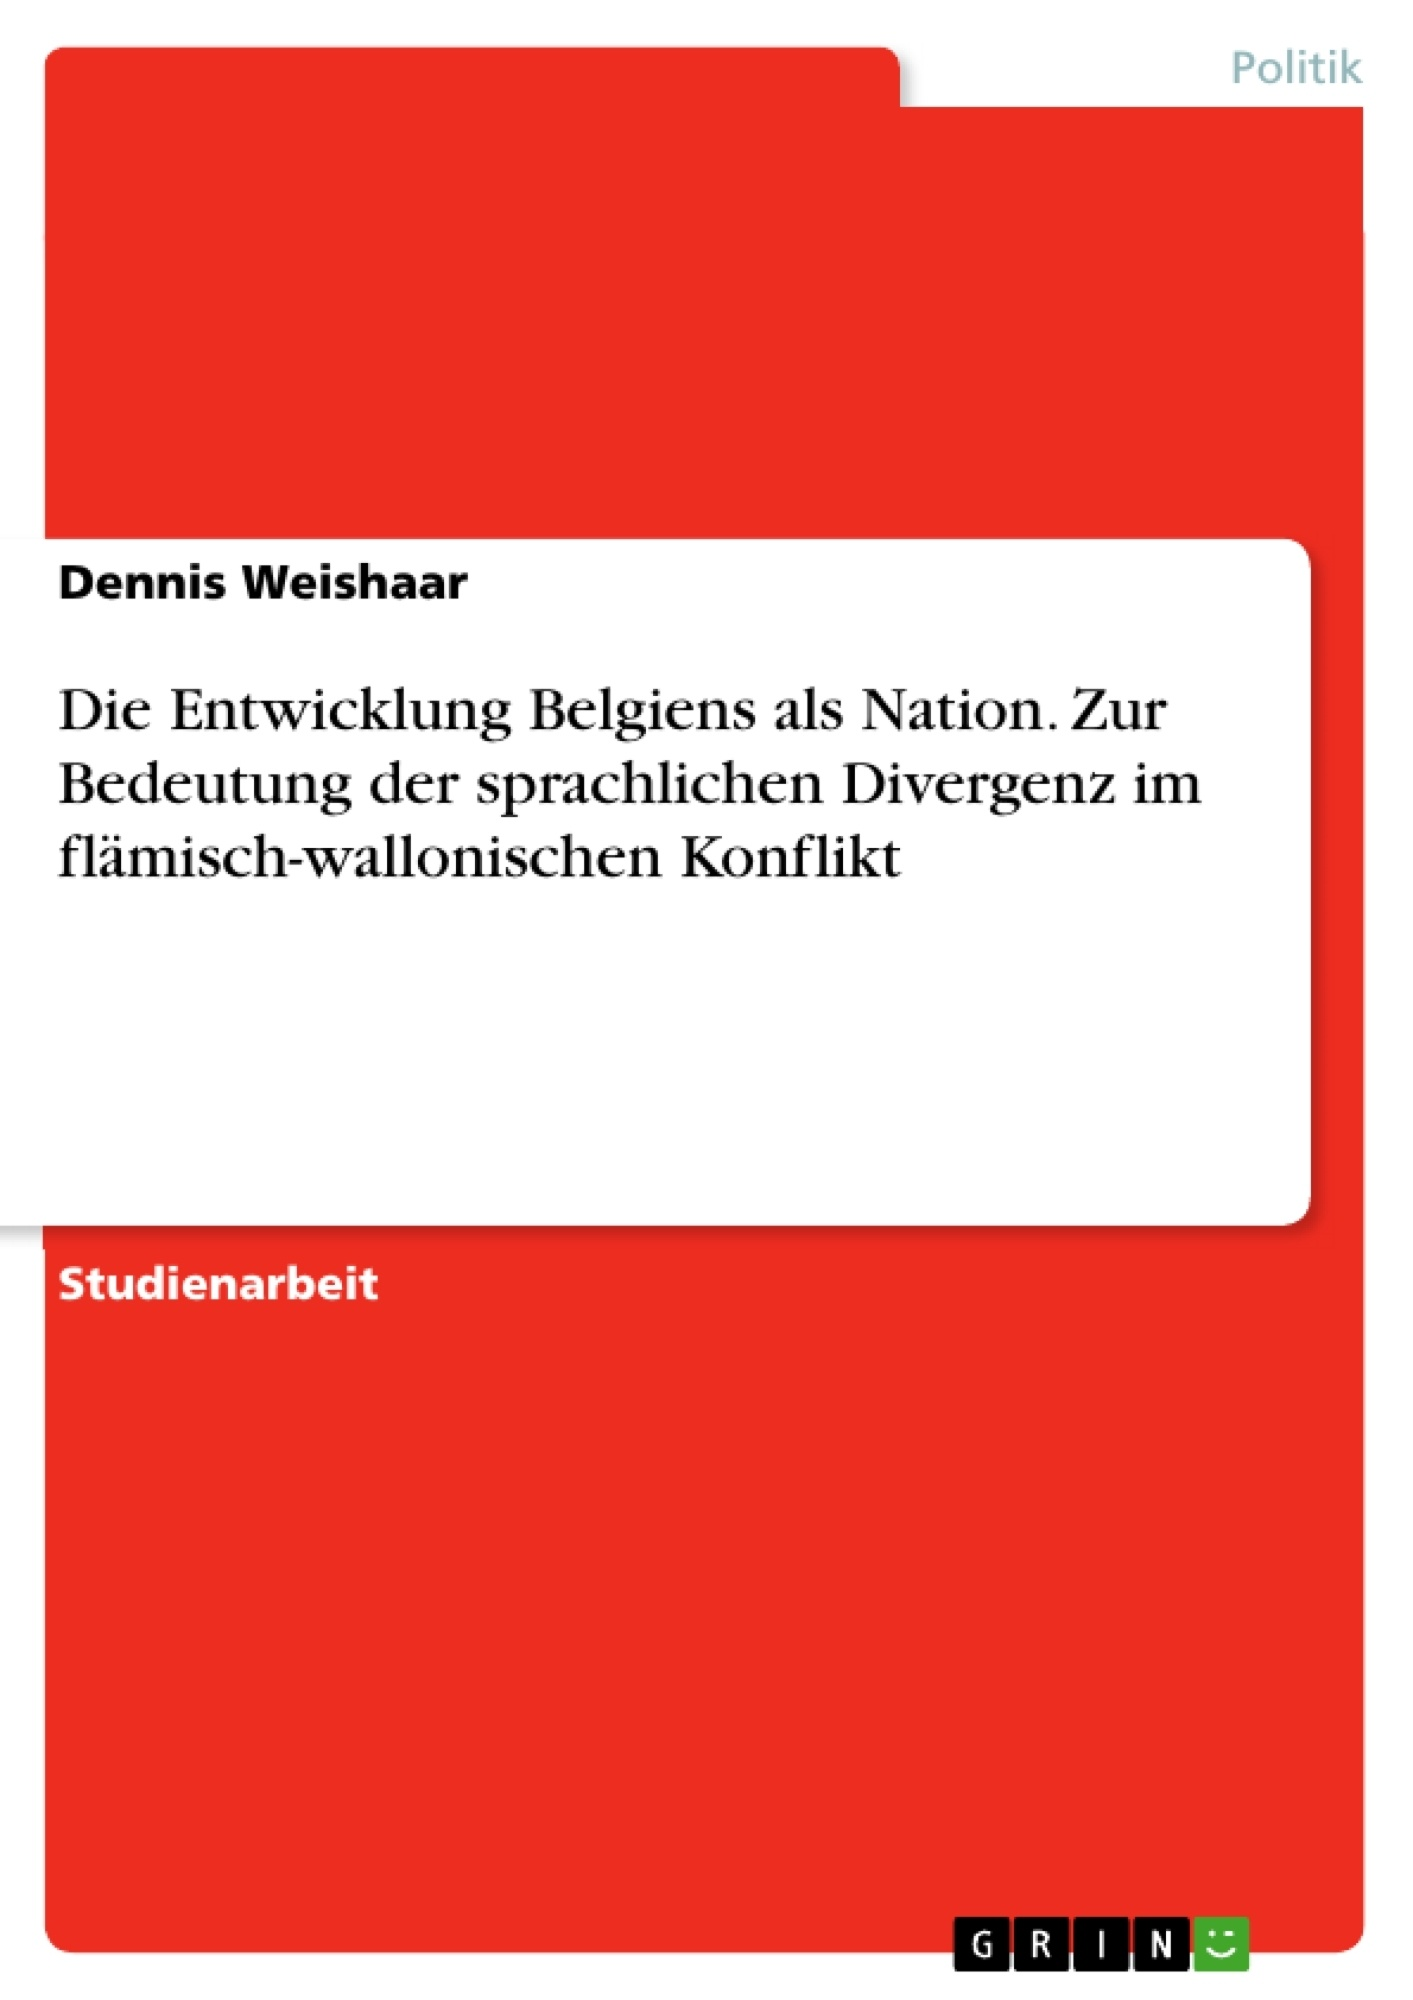 Titel: Die Entwicklung Belgiens als Nation. Zur Bedeutung der sprachlichen Divergenz im flämisch-wallonischen Konflikt